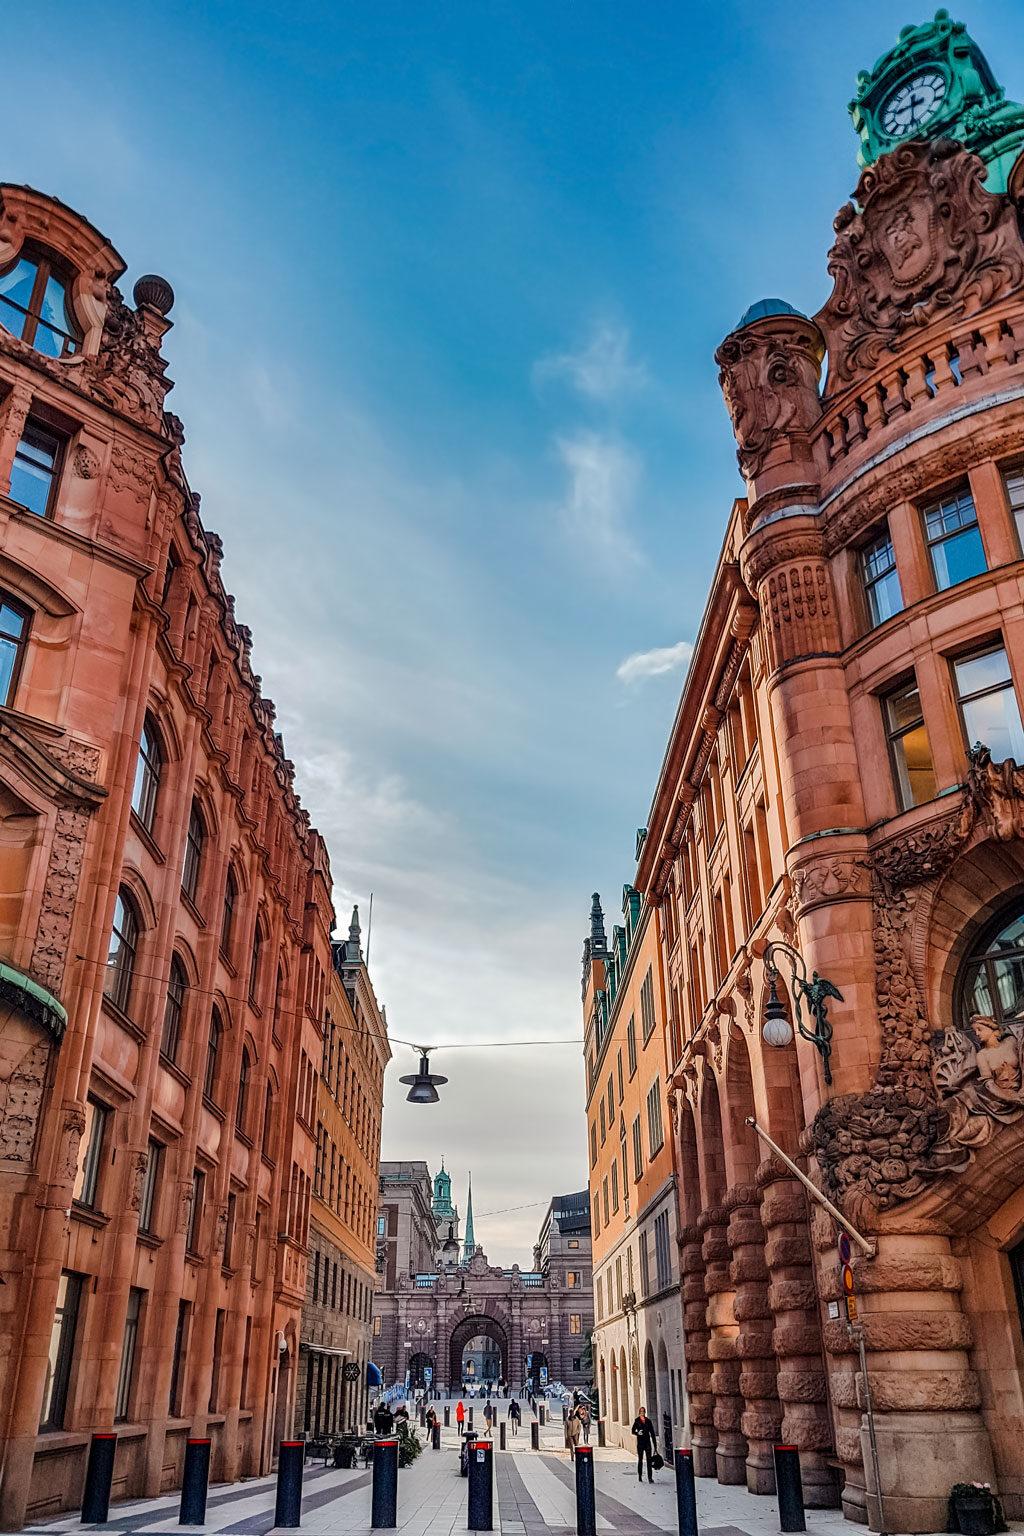 Stockholm City Centre Buildings